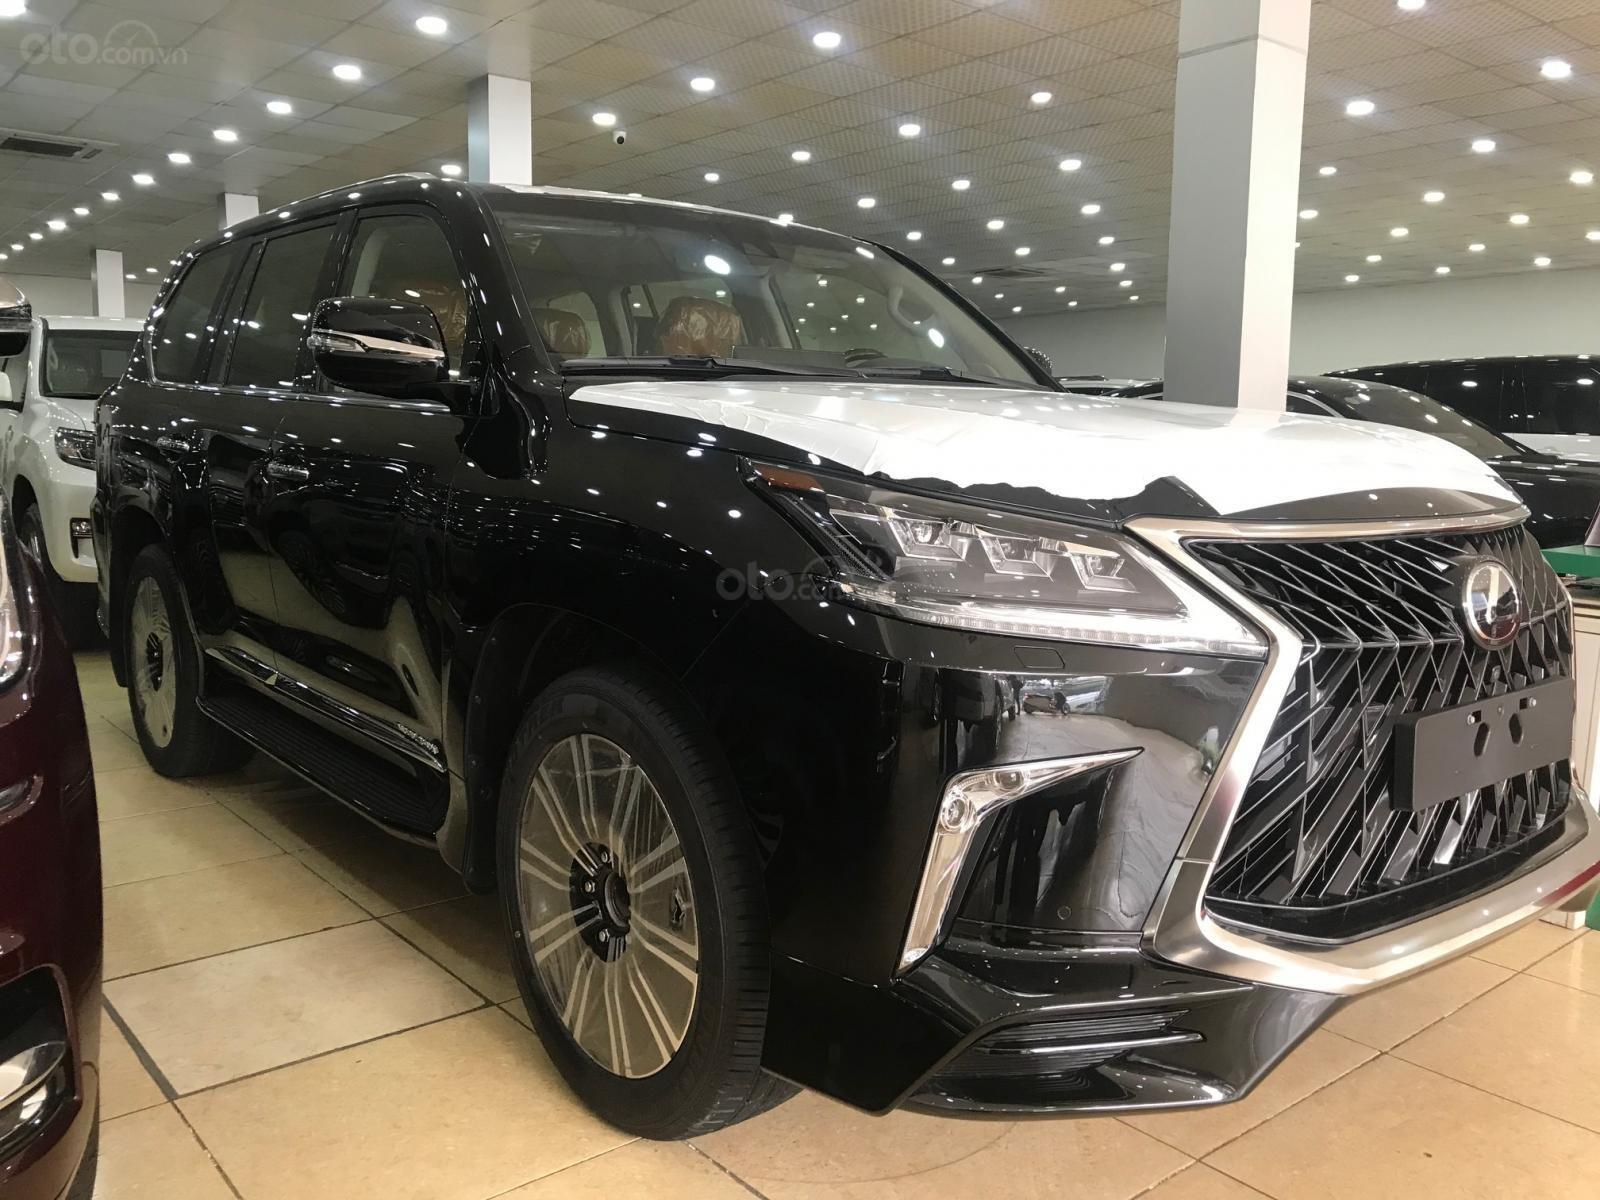 Cần bán Lexus LX570 Super Sport đời 2019, màu đen, nhập khẩu bản cao cấp nhất (1)